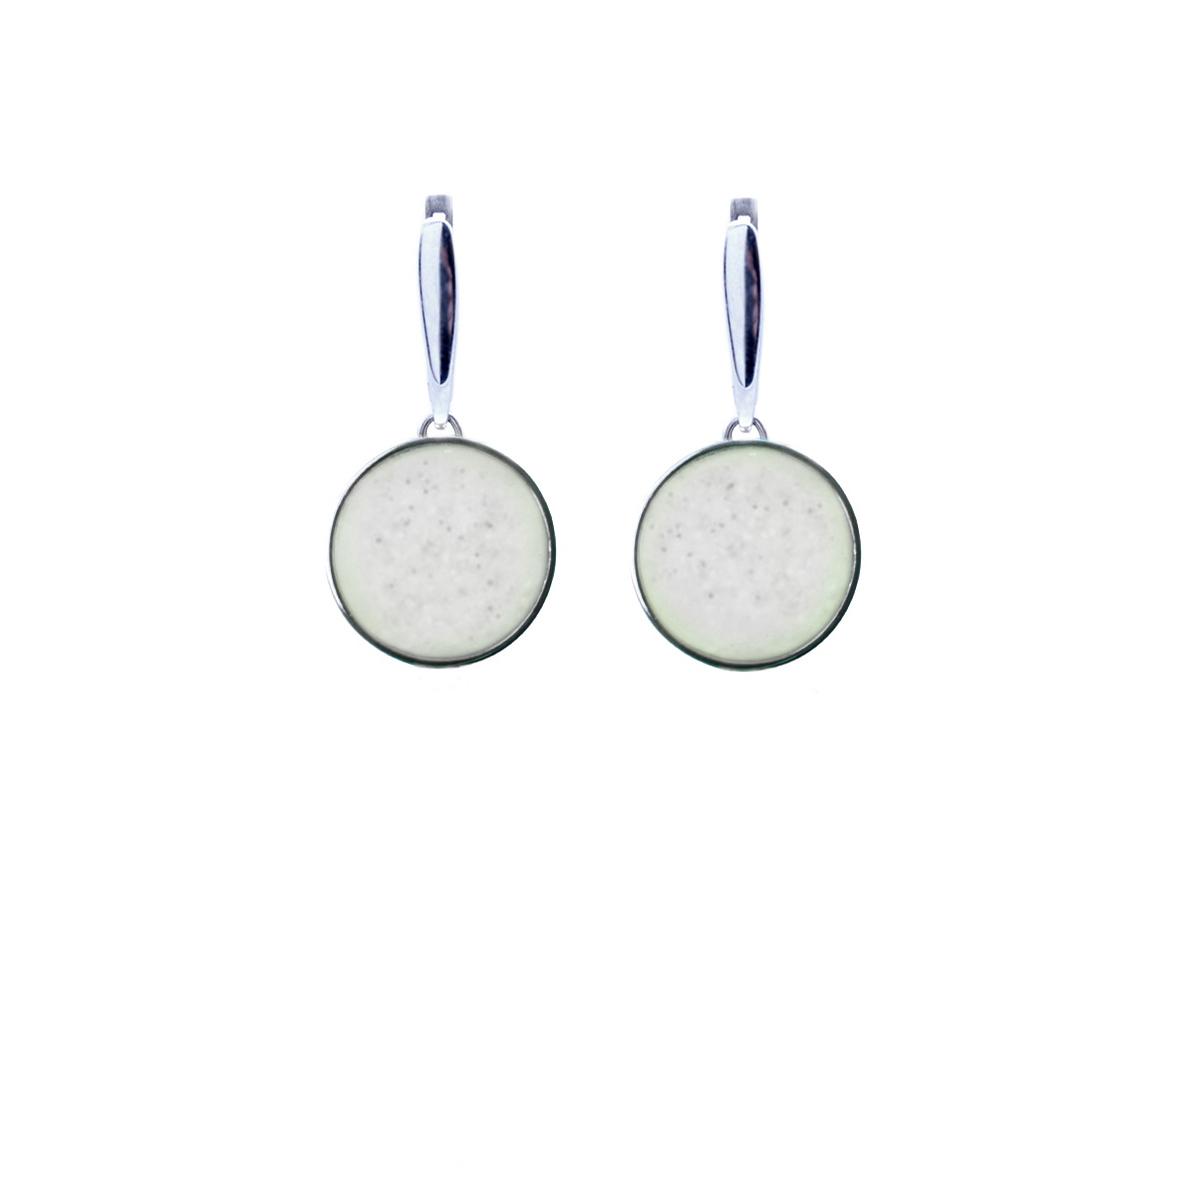 Серебряные серьги с белым мрамором круглой формы